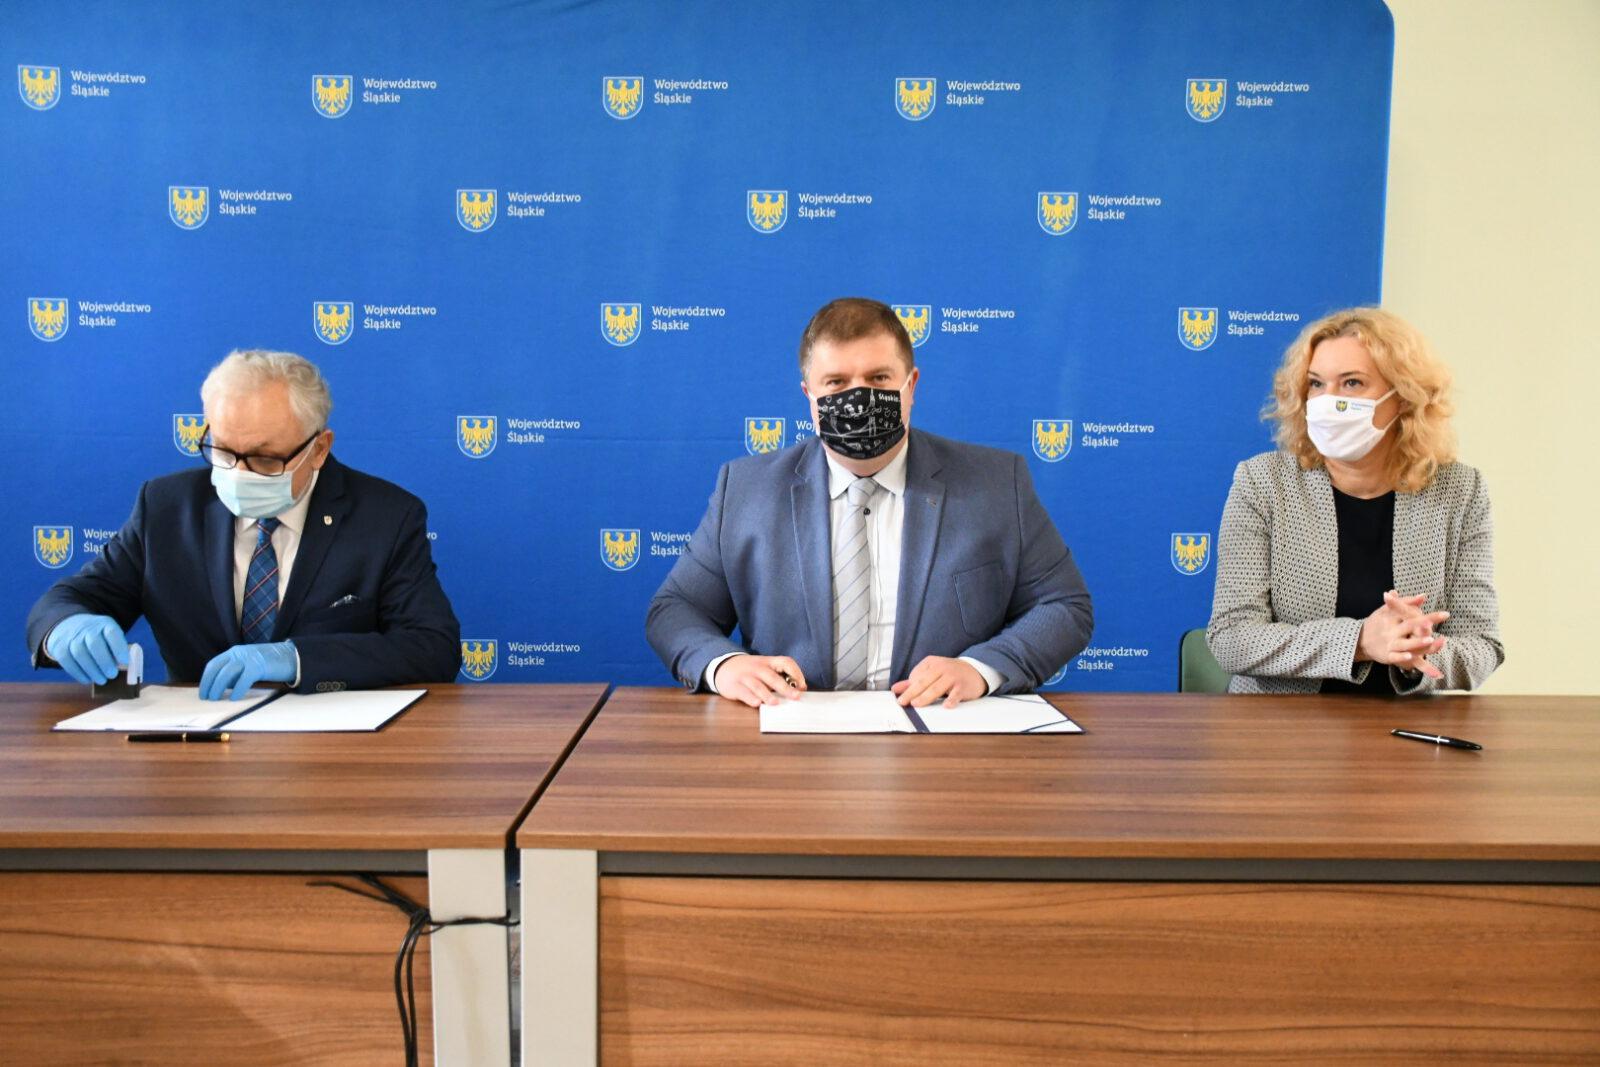 Umowa na dofinansowanie projektu OZE podpisana